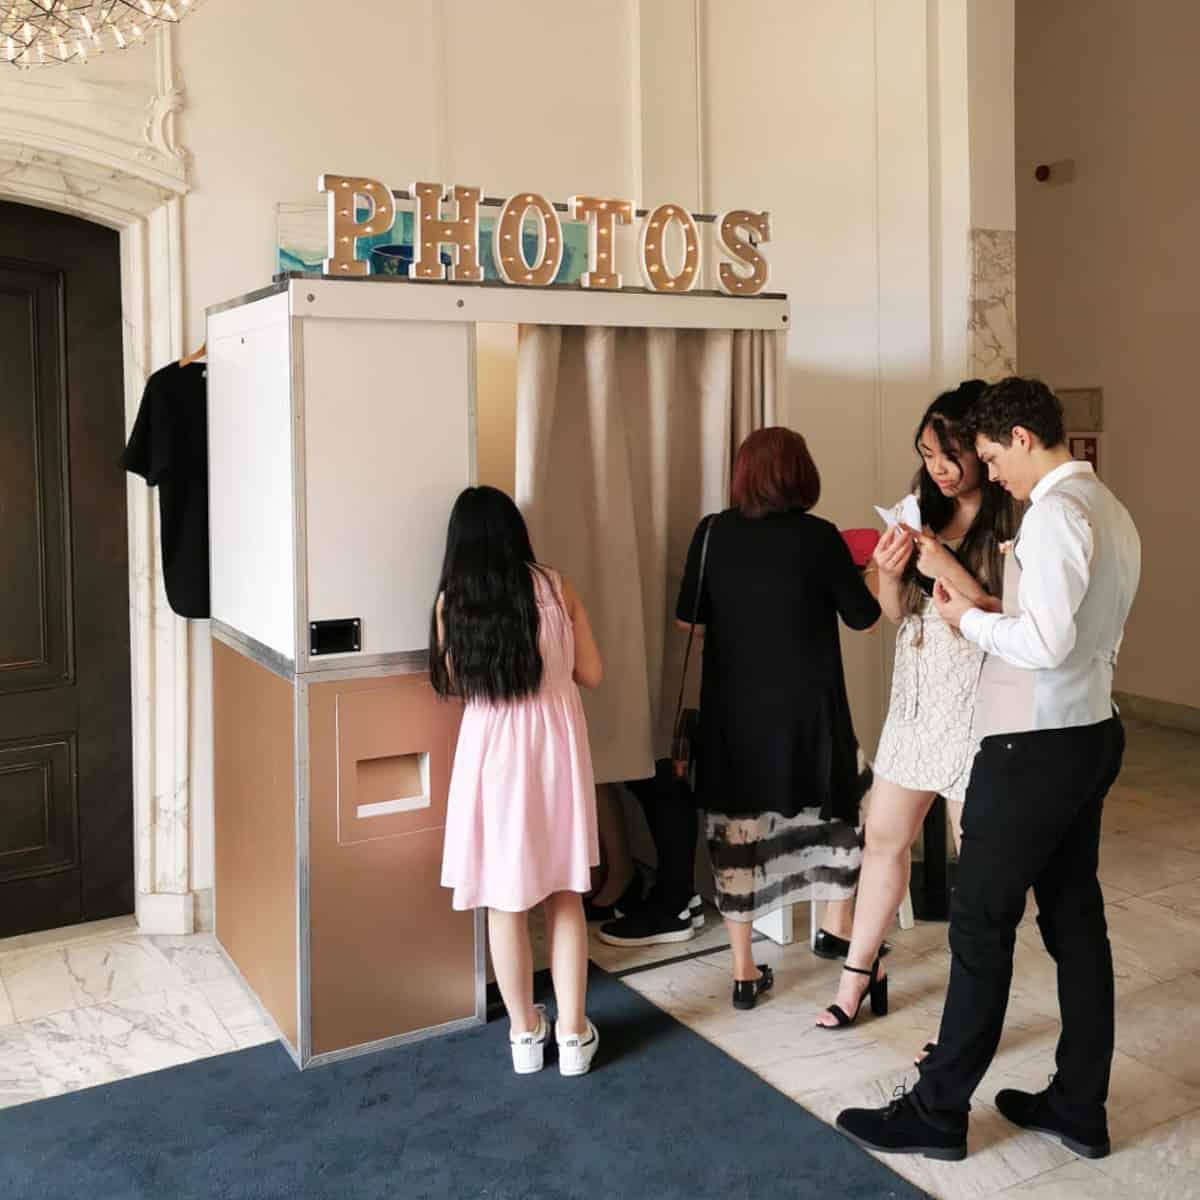 photobooths fotohokje huren voor bruiloft of feest in Utrecht